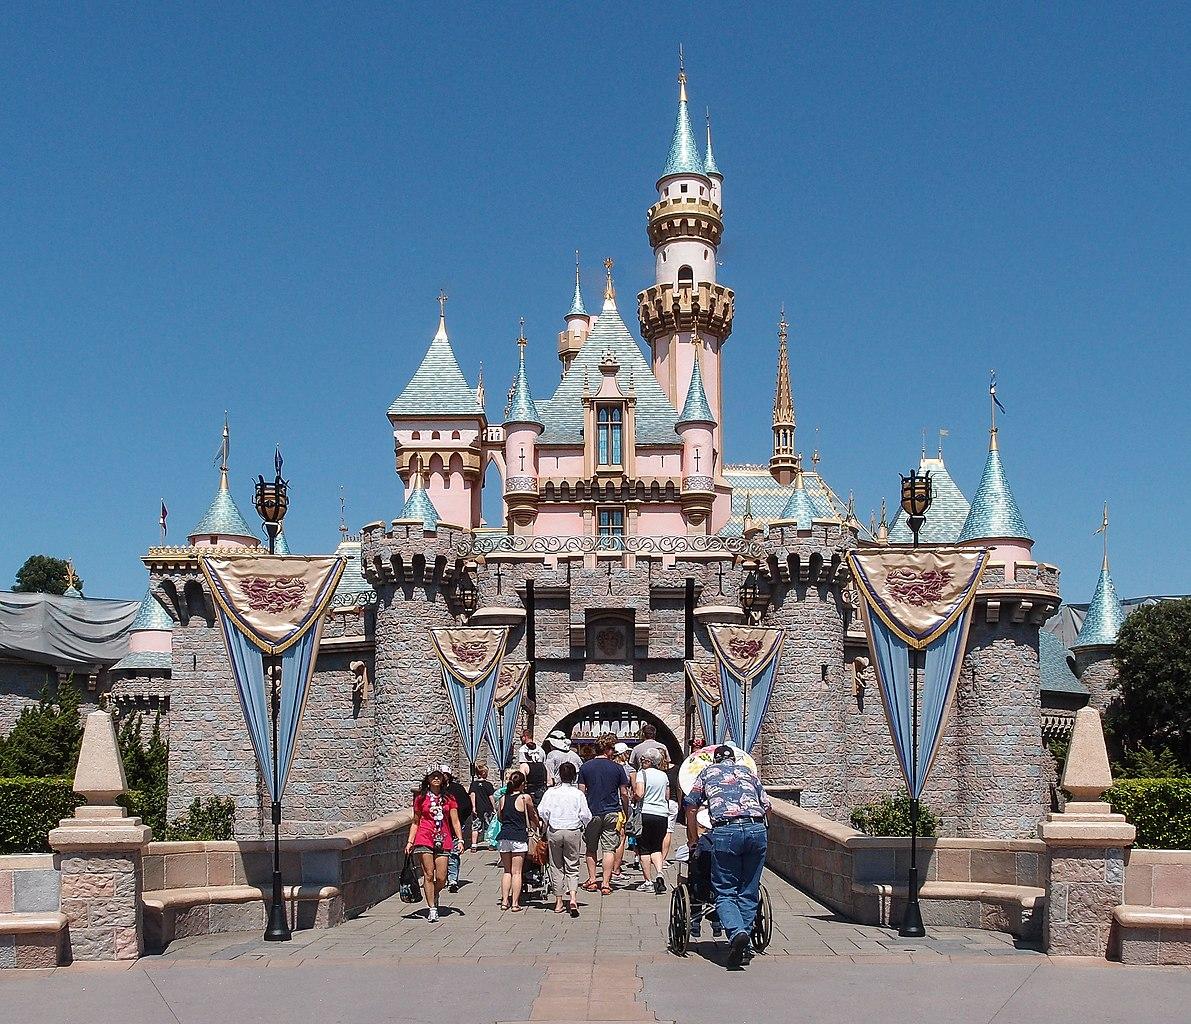 El Castillo de la Bella Durmiente, un icono de Disneyland Park.